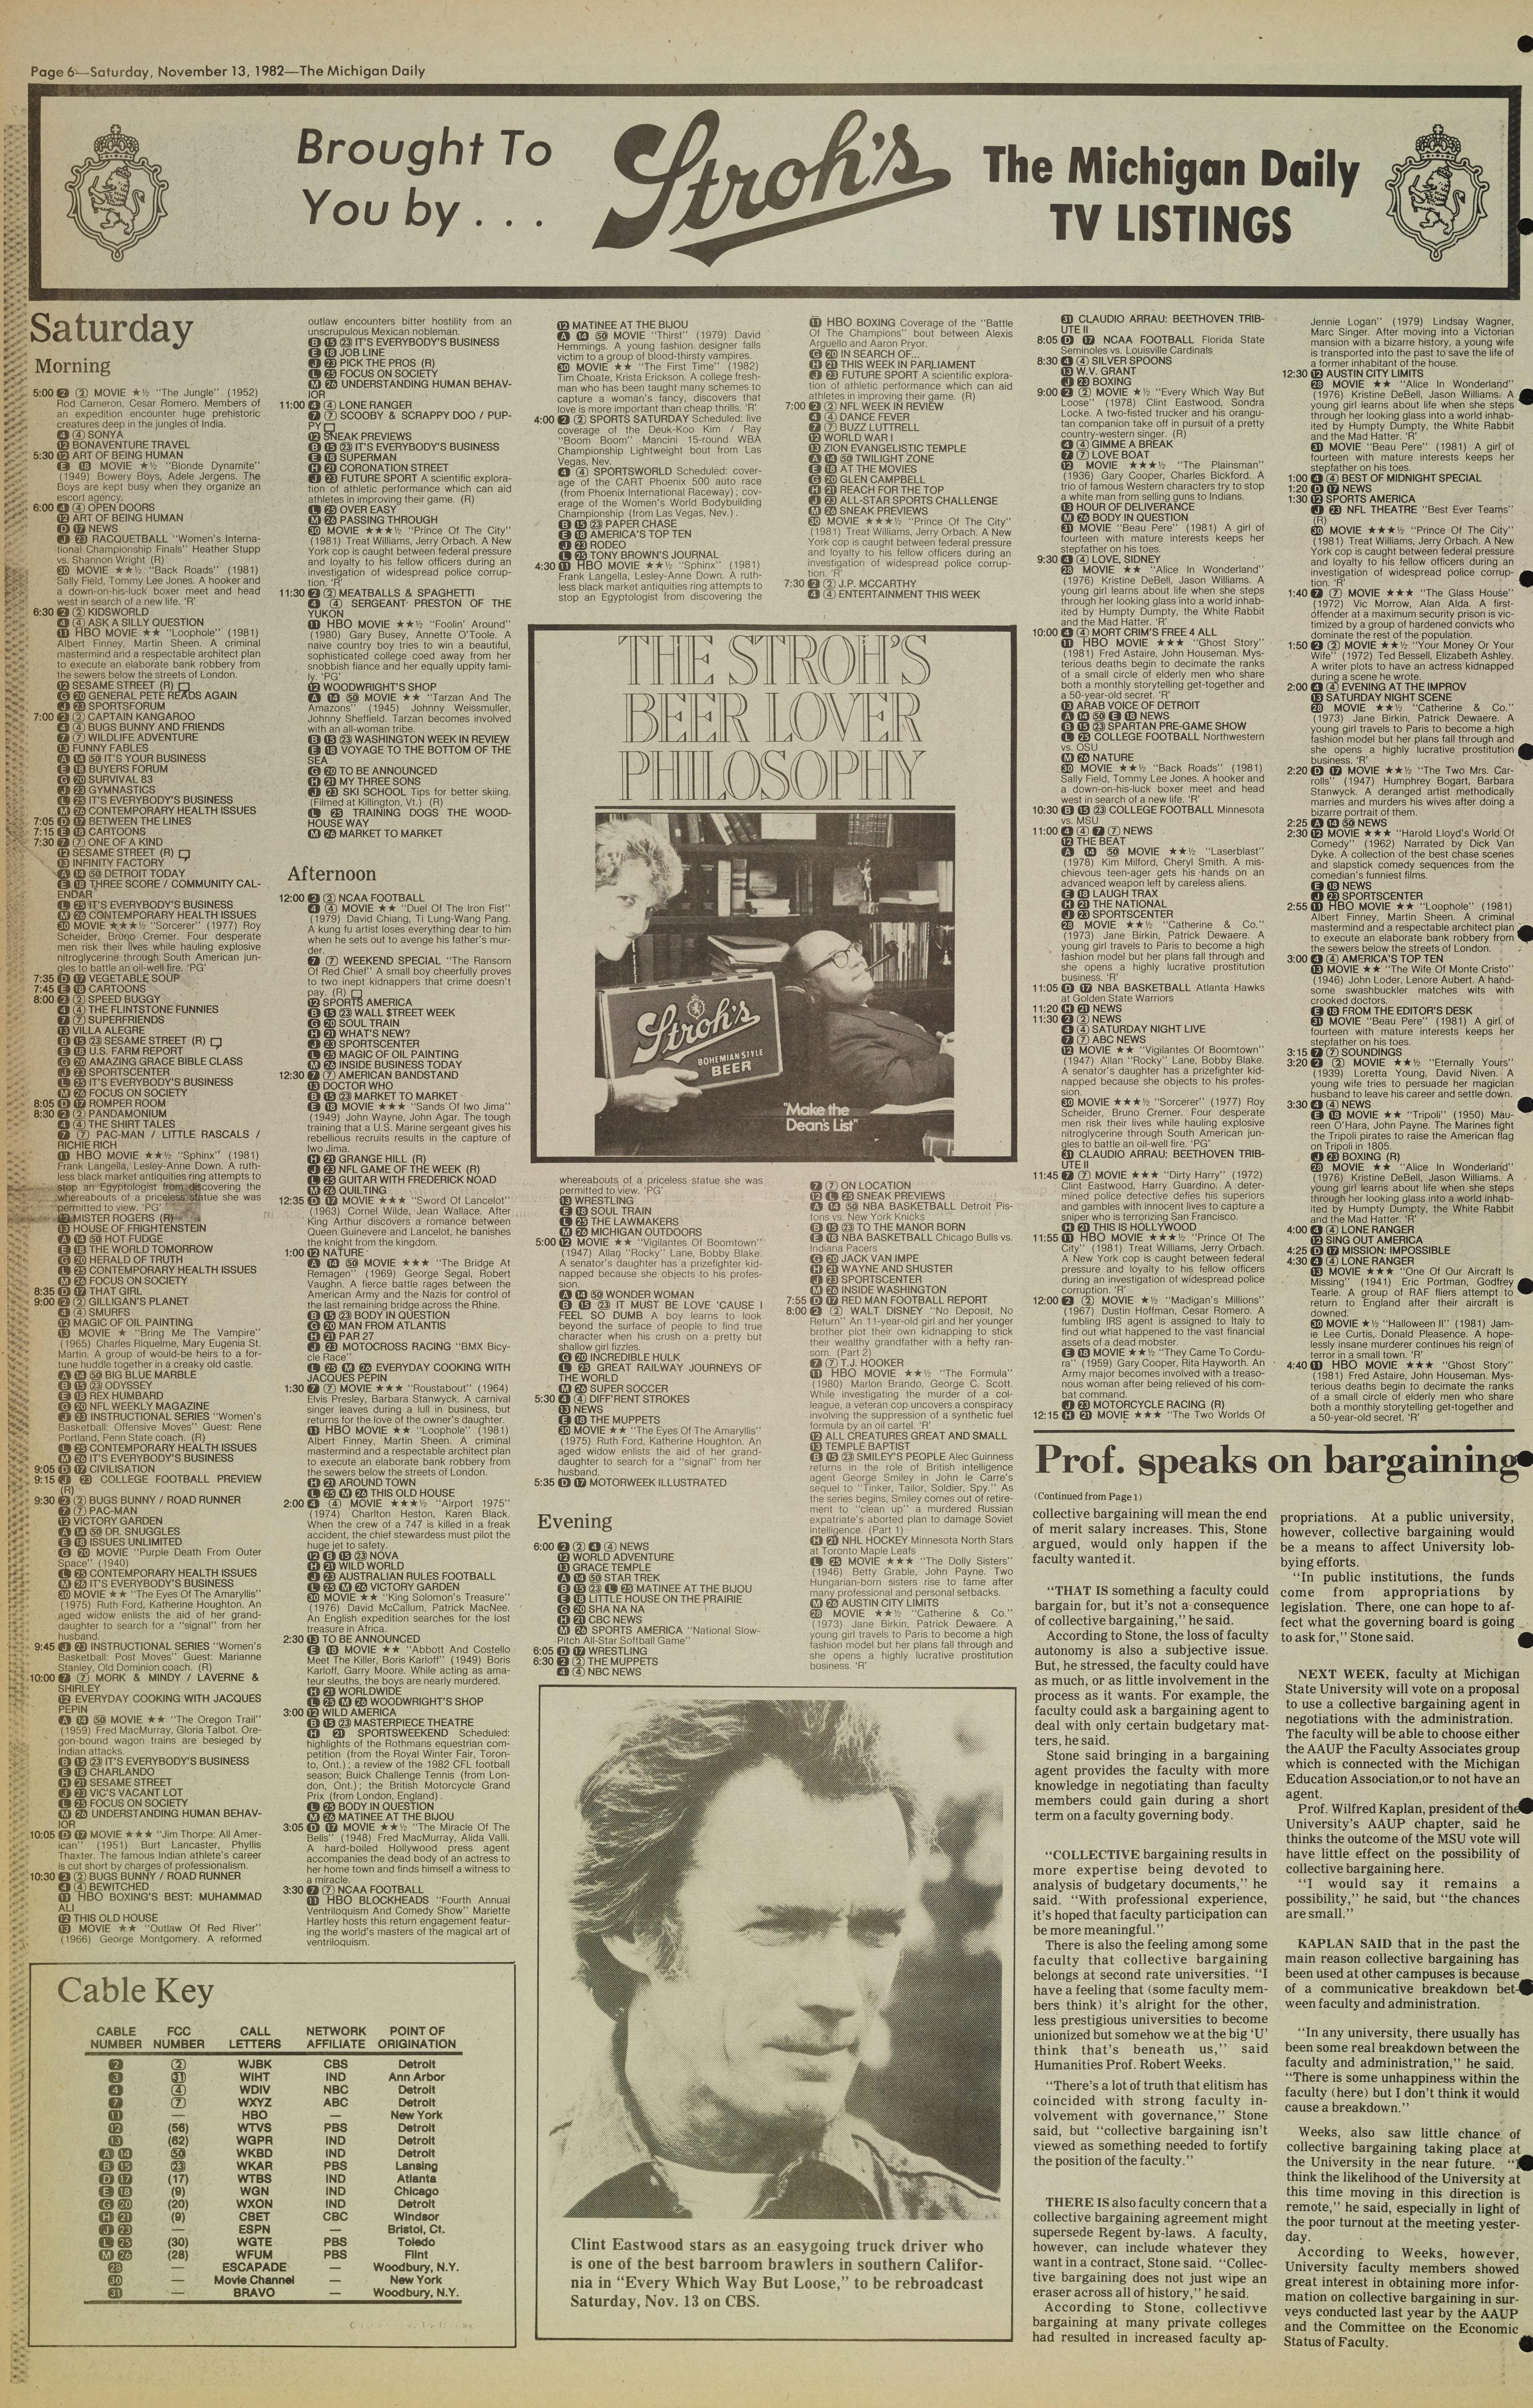 Michigan Daily Digital Archives - November 13, 1982 (vol  93